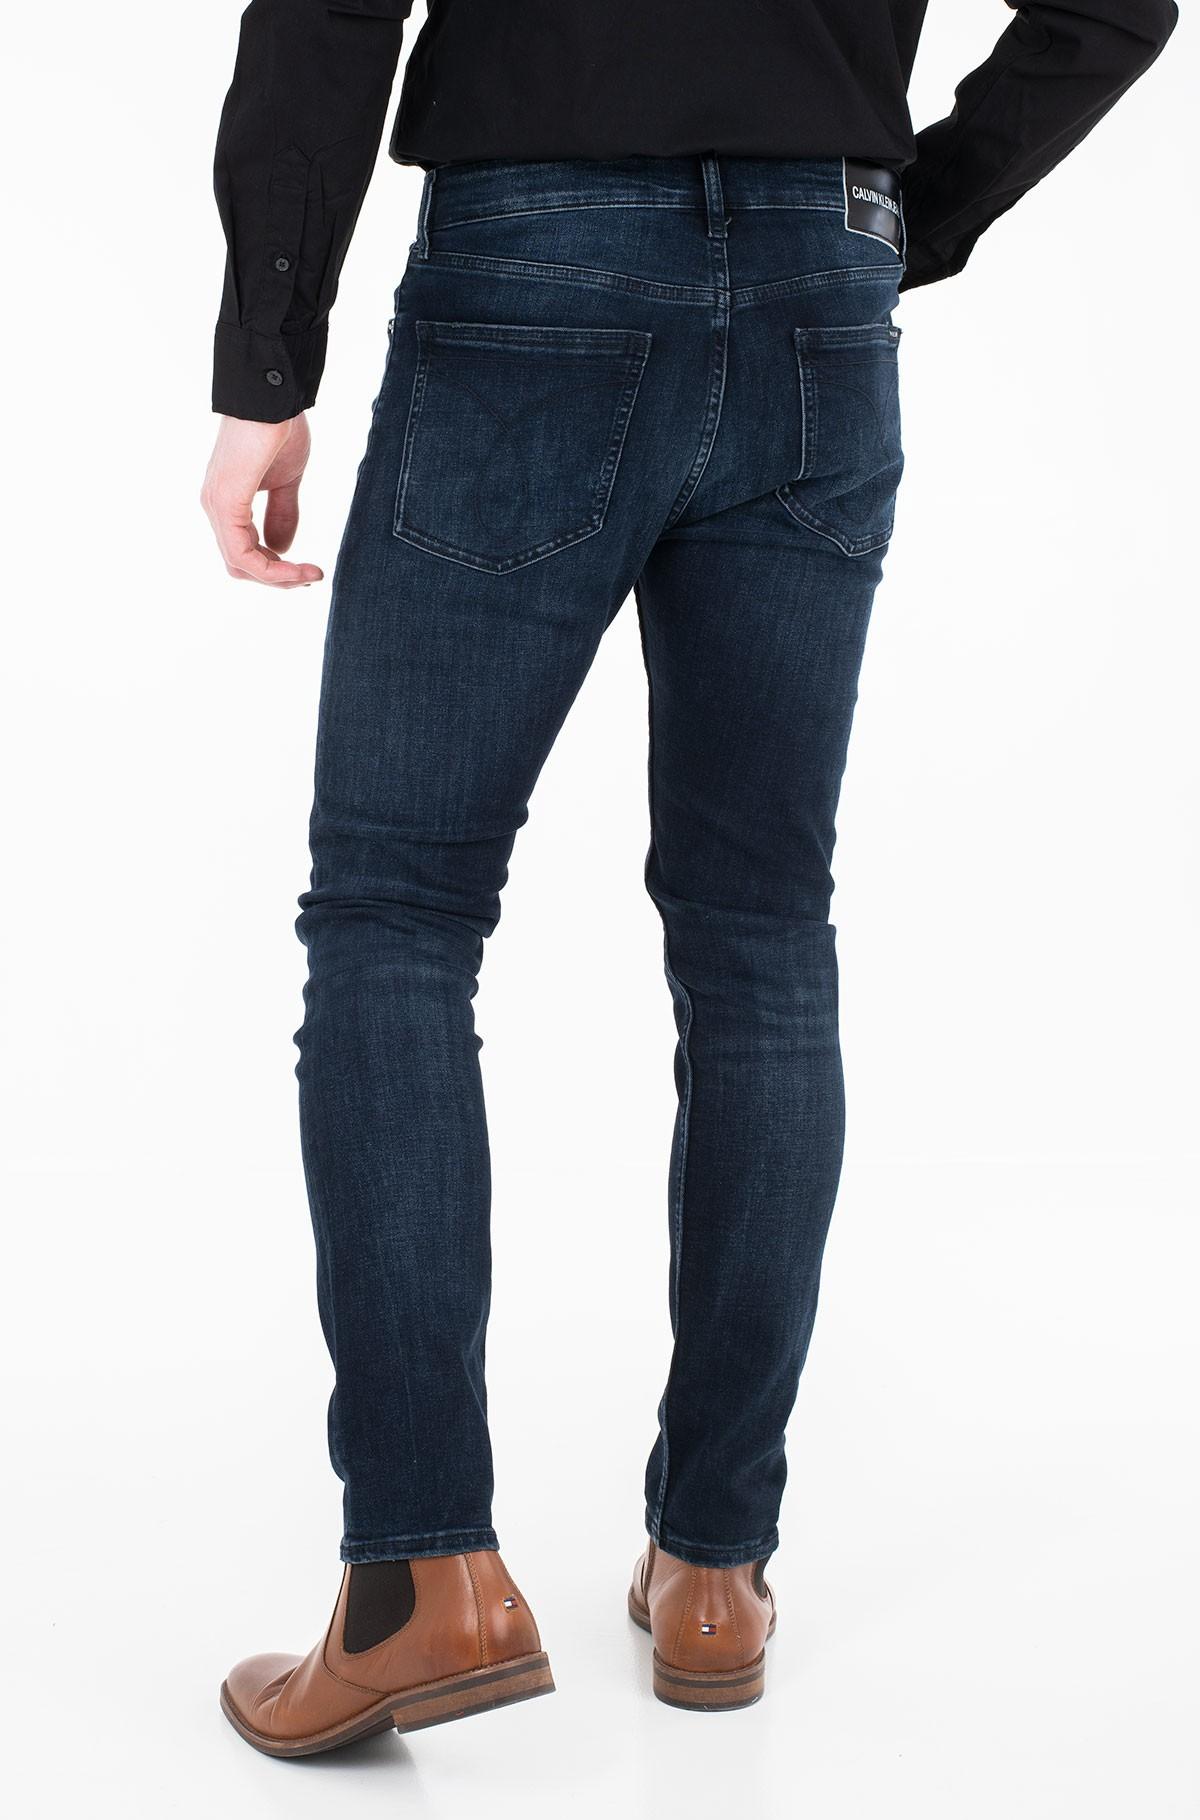 Jeans CKJ 016 SKINNY-full-2